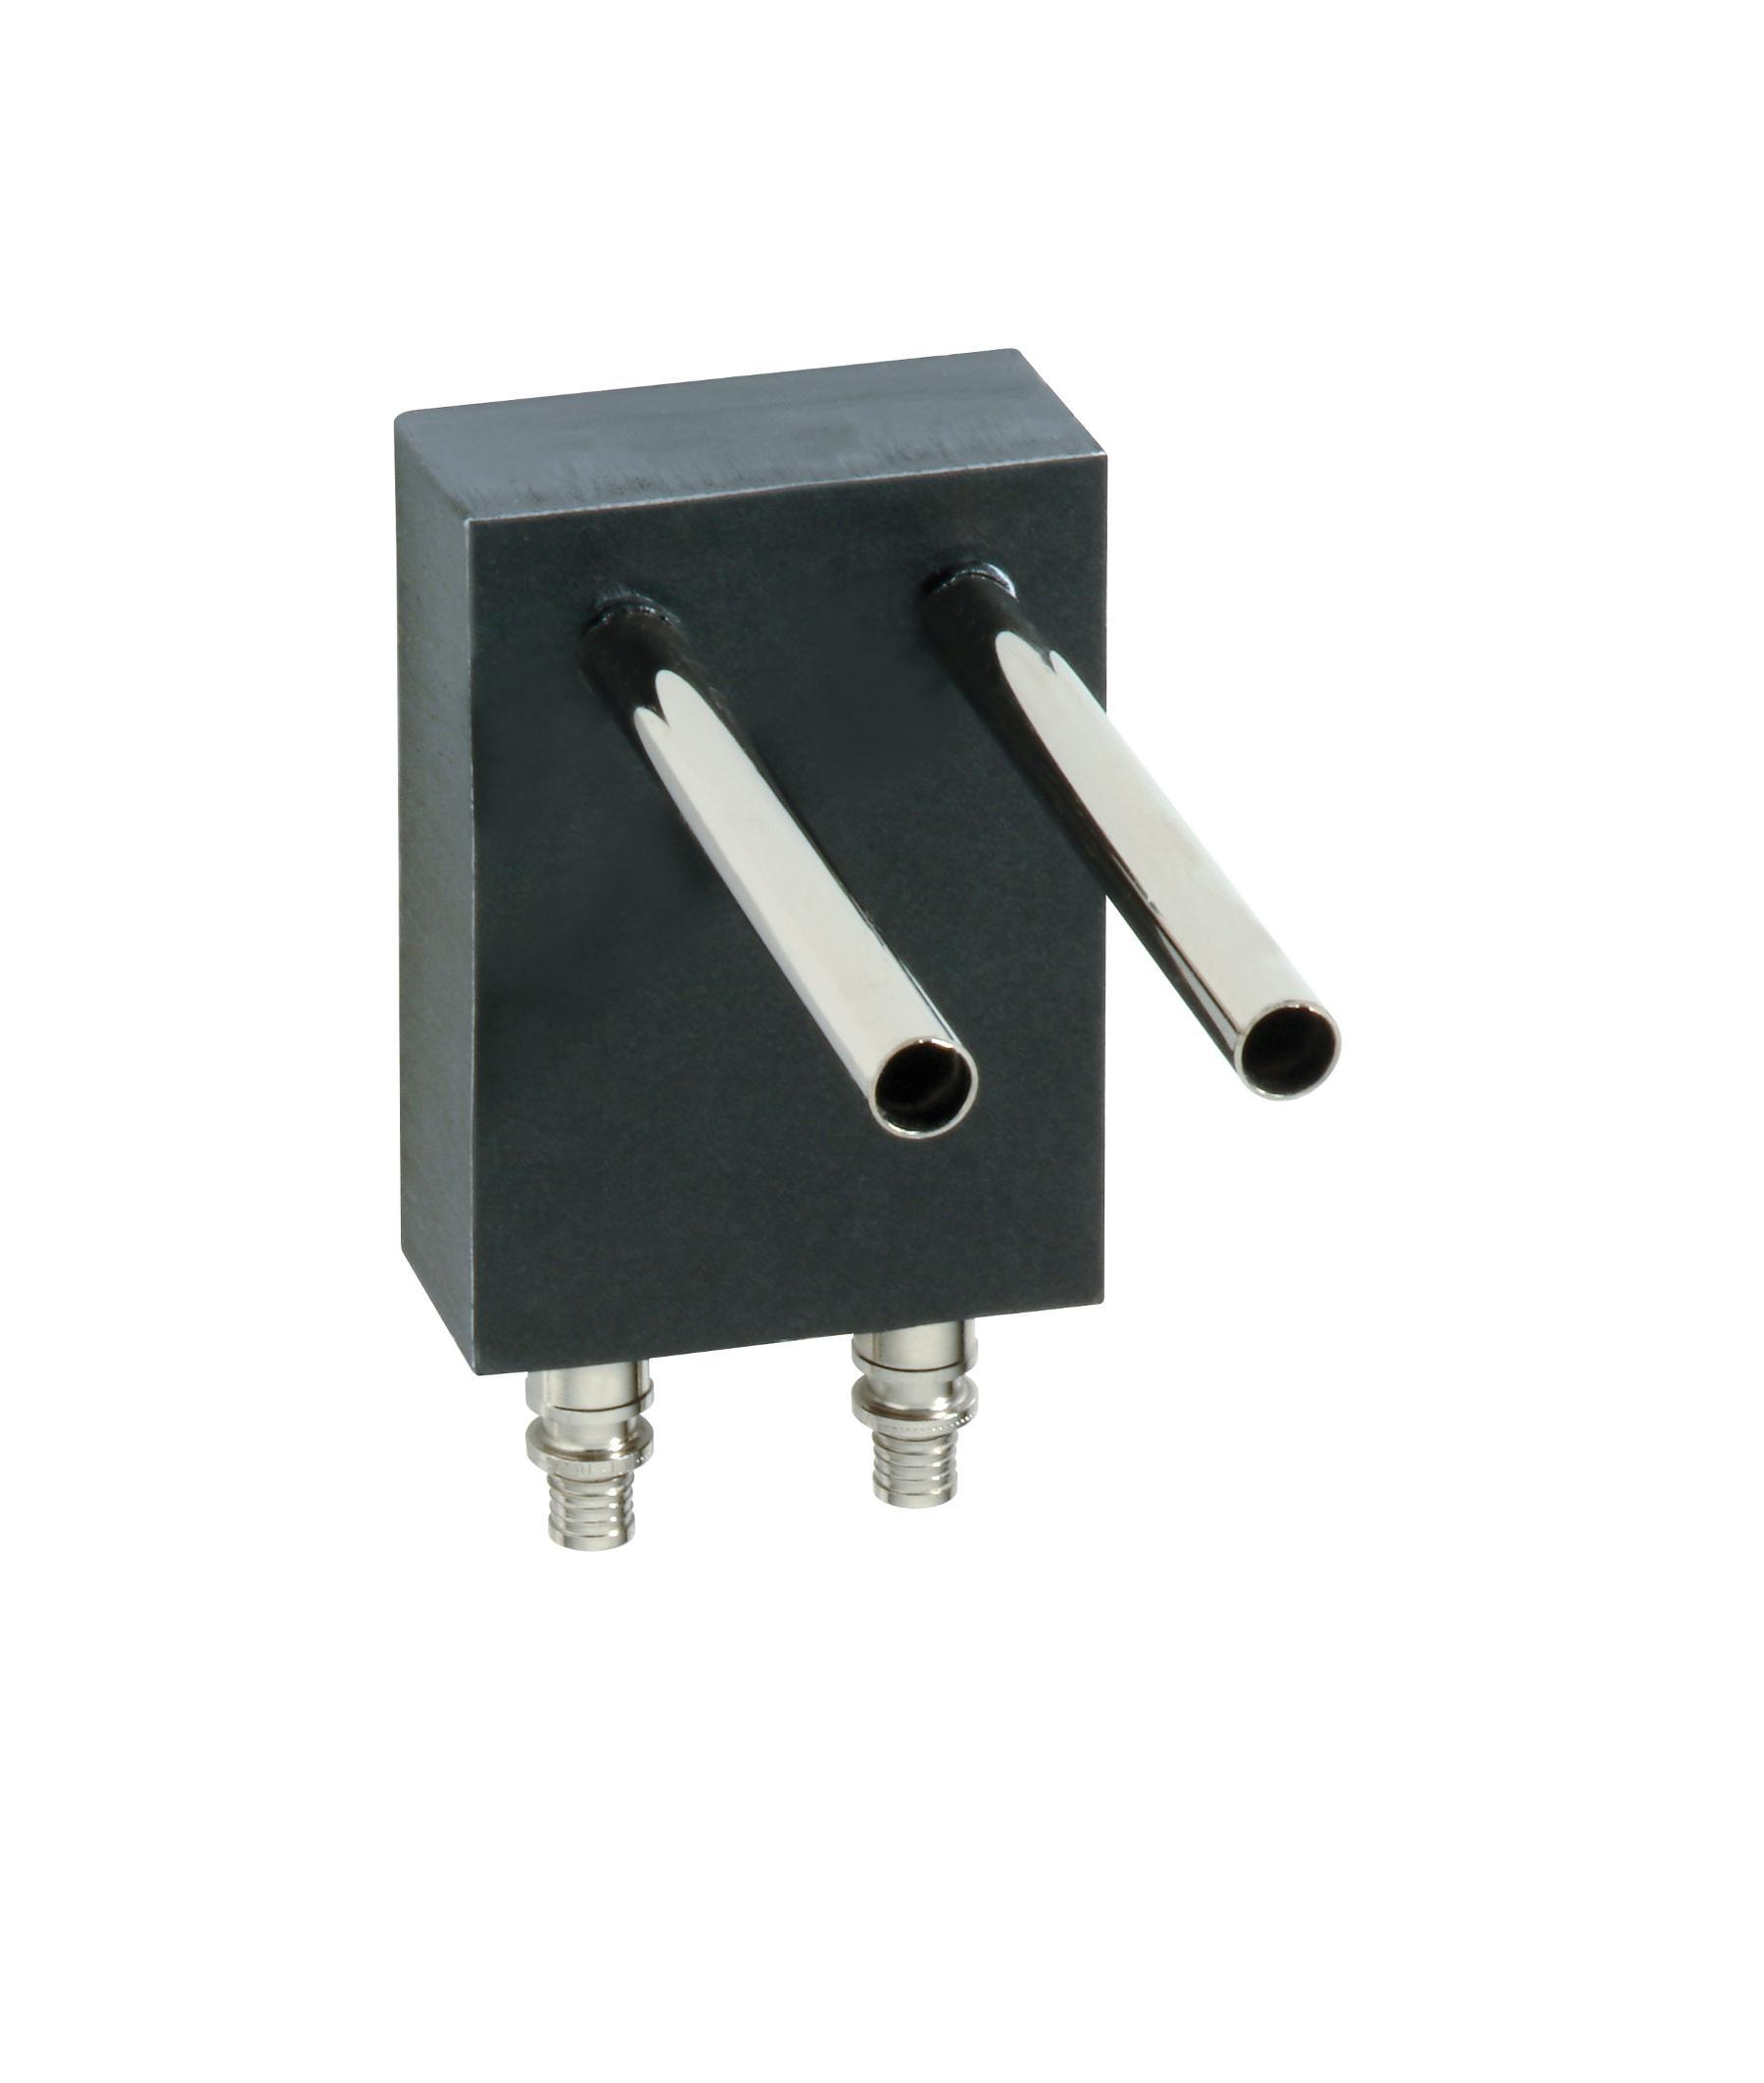 Блок соединения с отопительным прибором, двойной